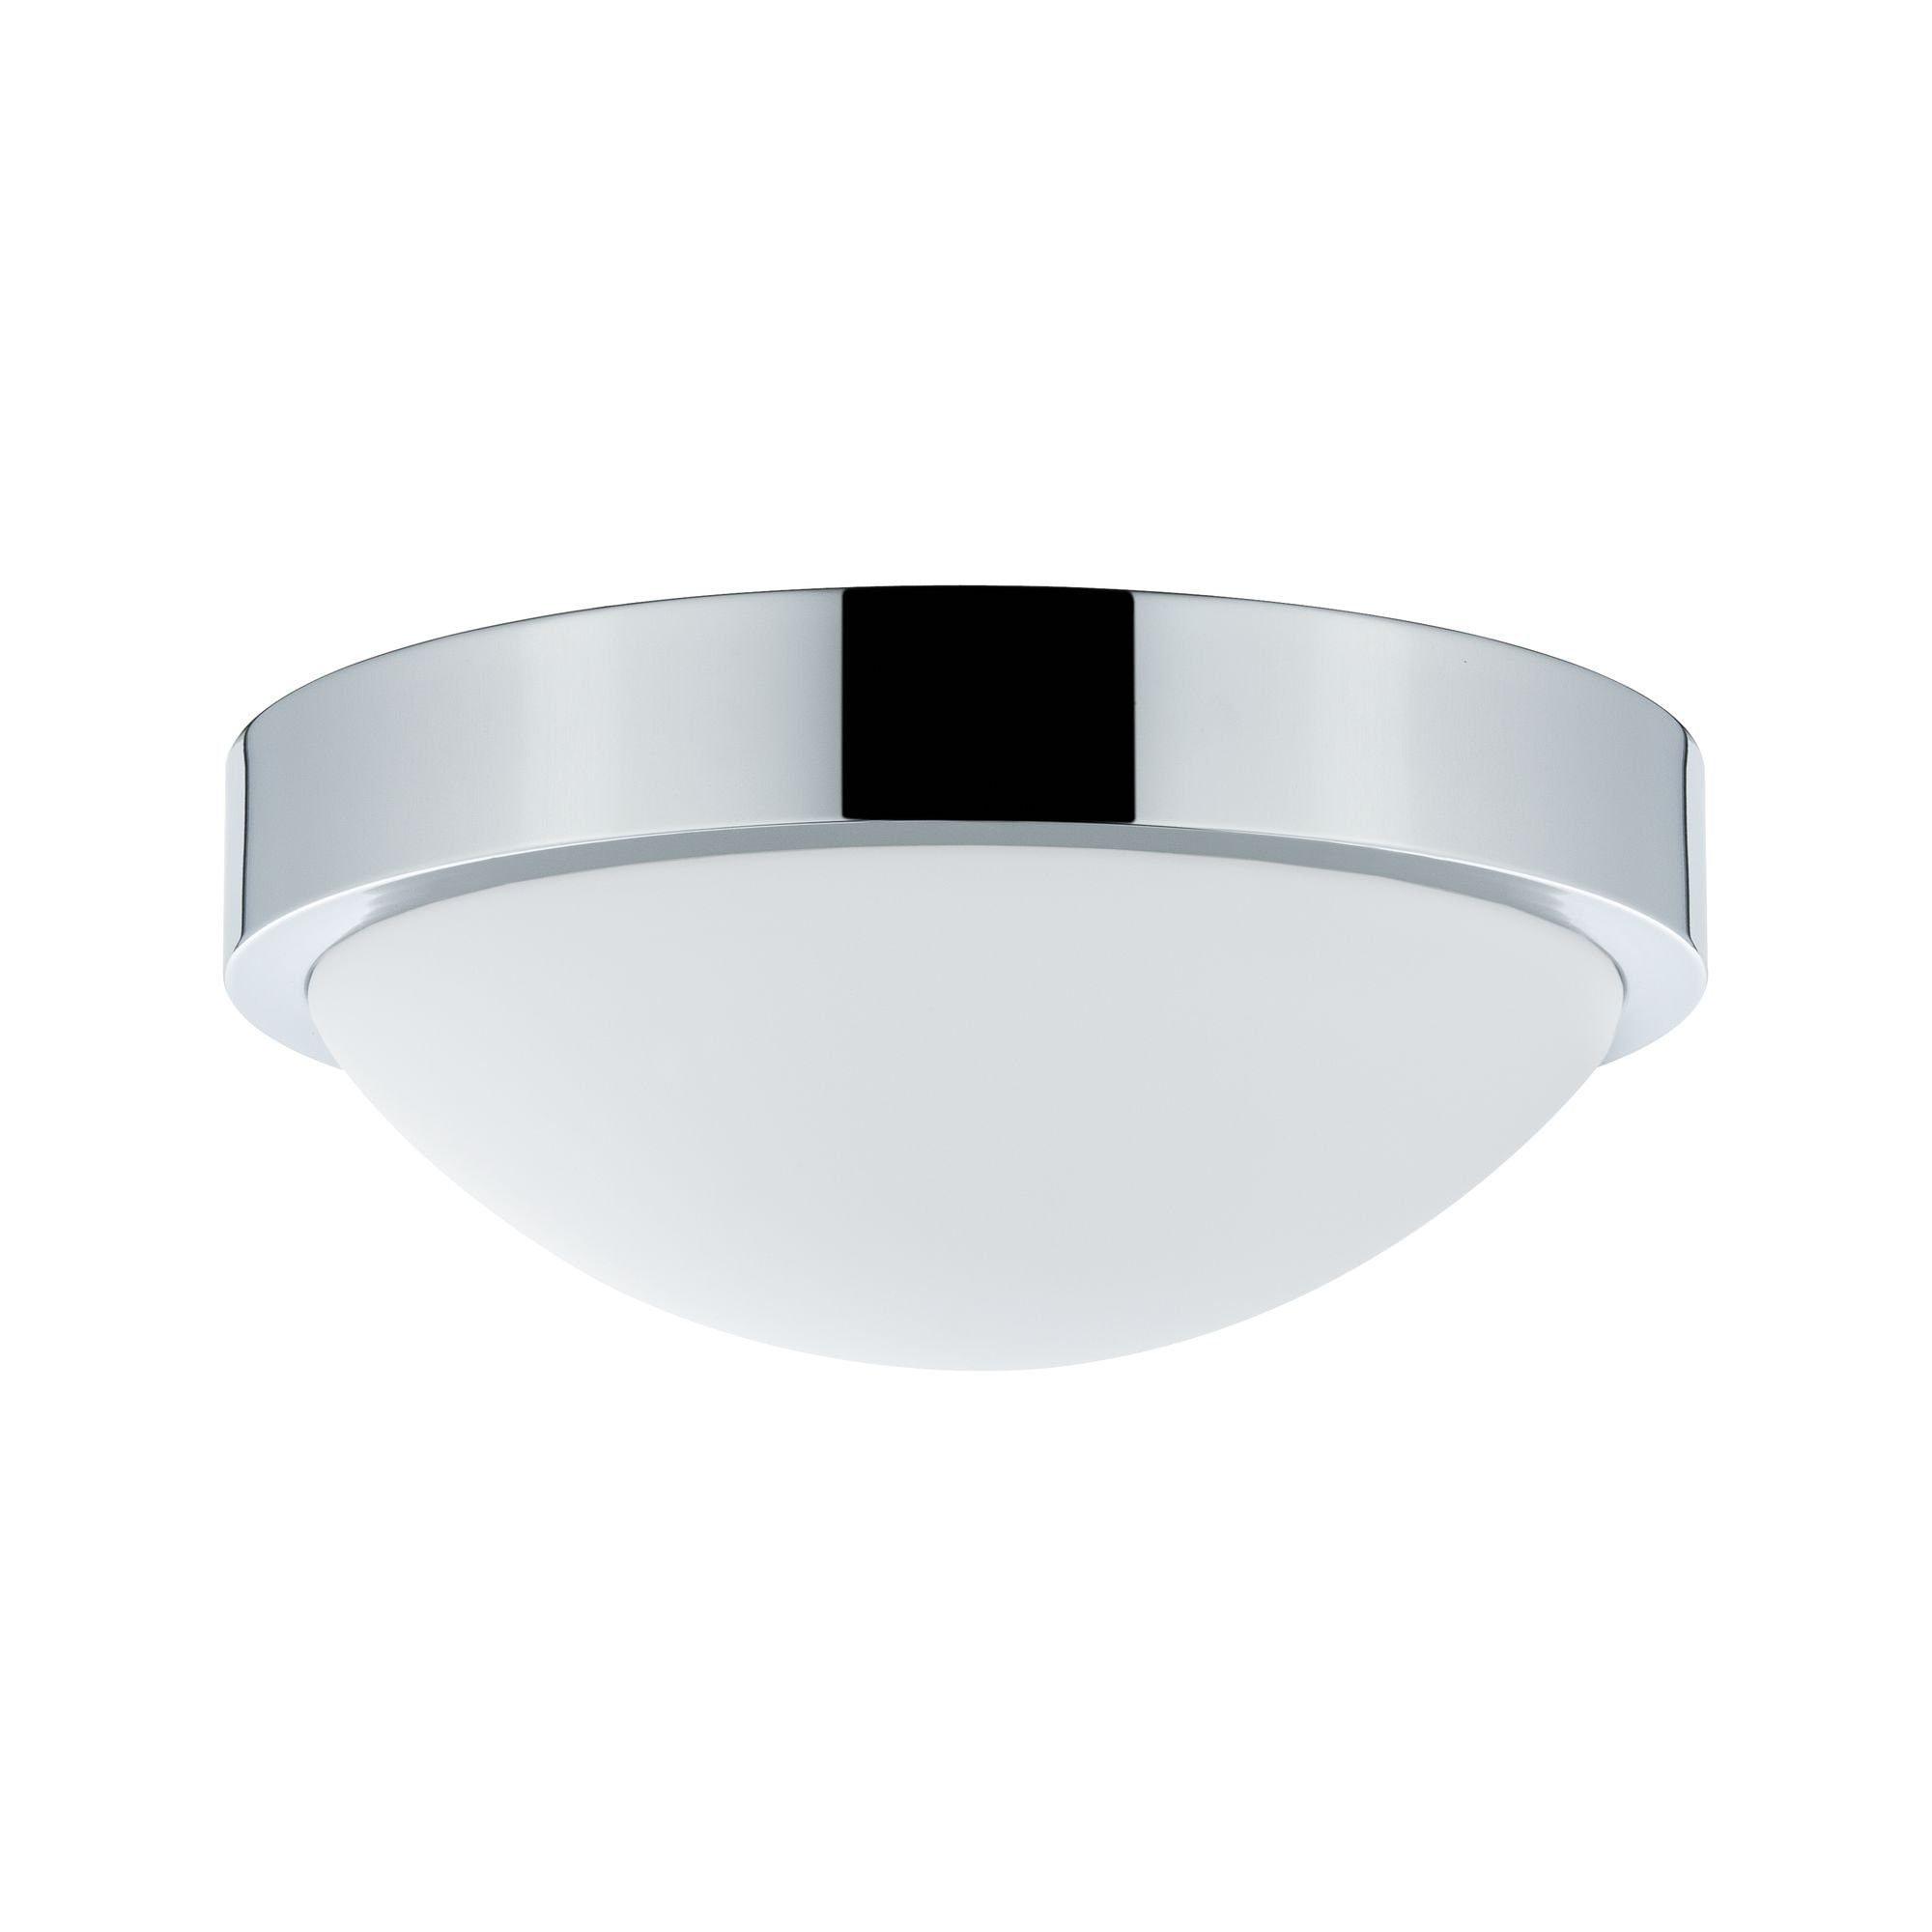 Paulmann,LED Deckenleuchte Falima Chrom/Weiß max. 18W E27